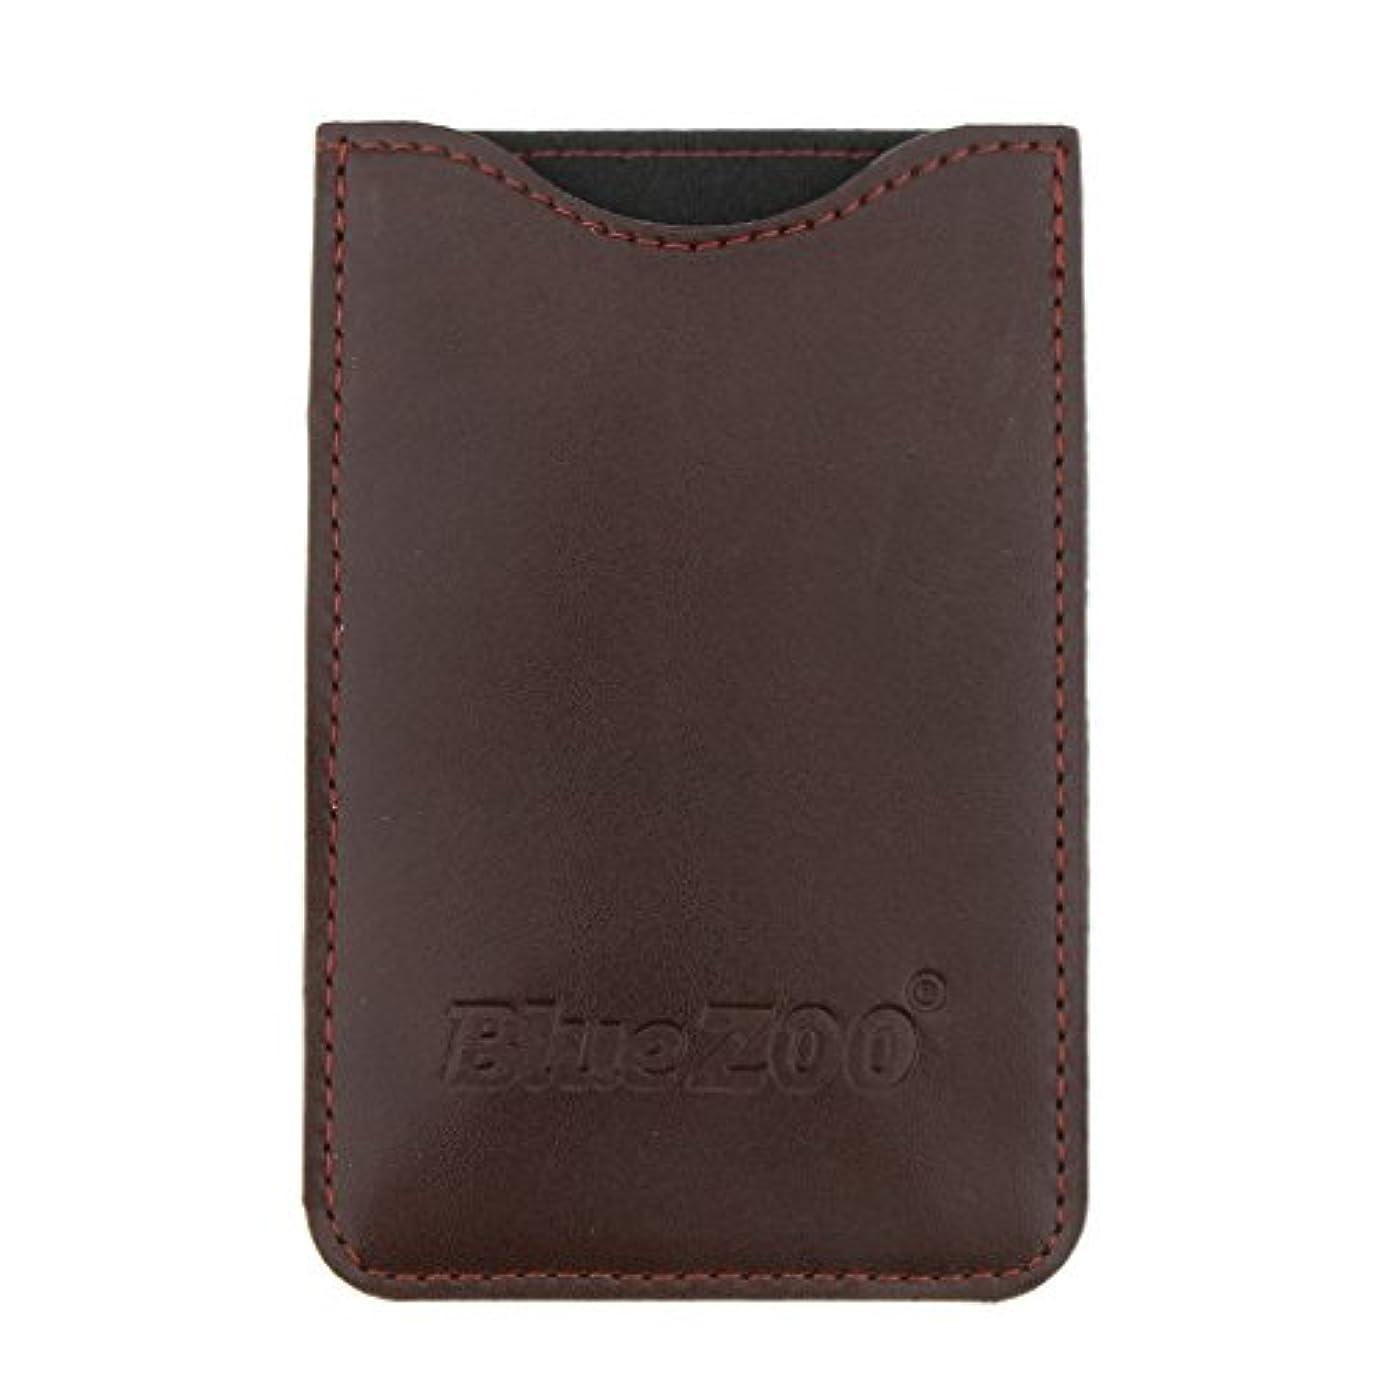 エレガントクレデンシャル酸化するコームバッグ 収納ケース 収納パック 保護カバー PUレザー 櫛/ヘアブラシ/名刺/IDカード/銀行カード バッグ オーガナイザー 全2色 - 褐色